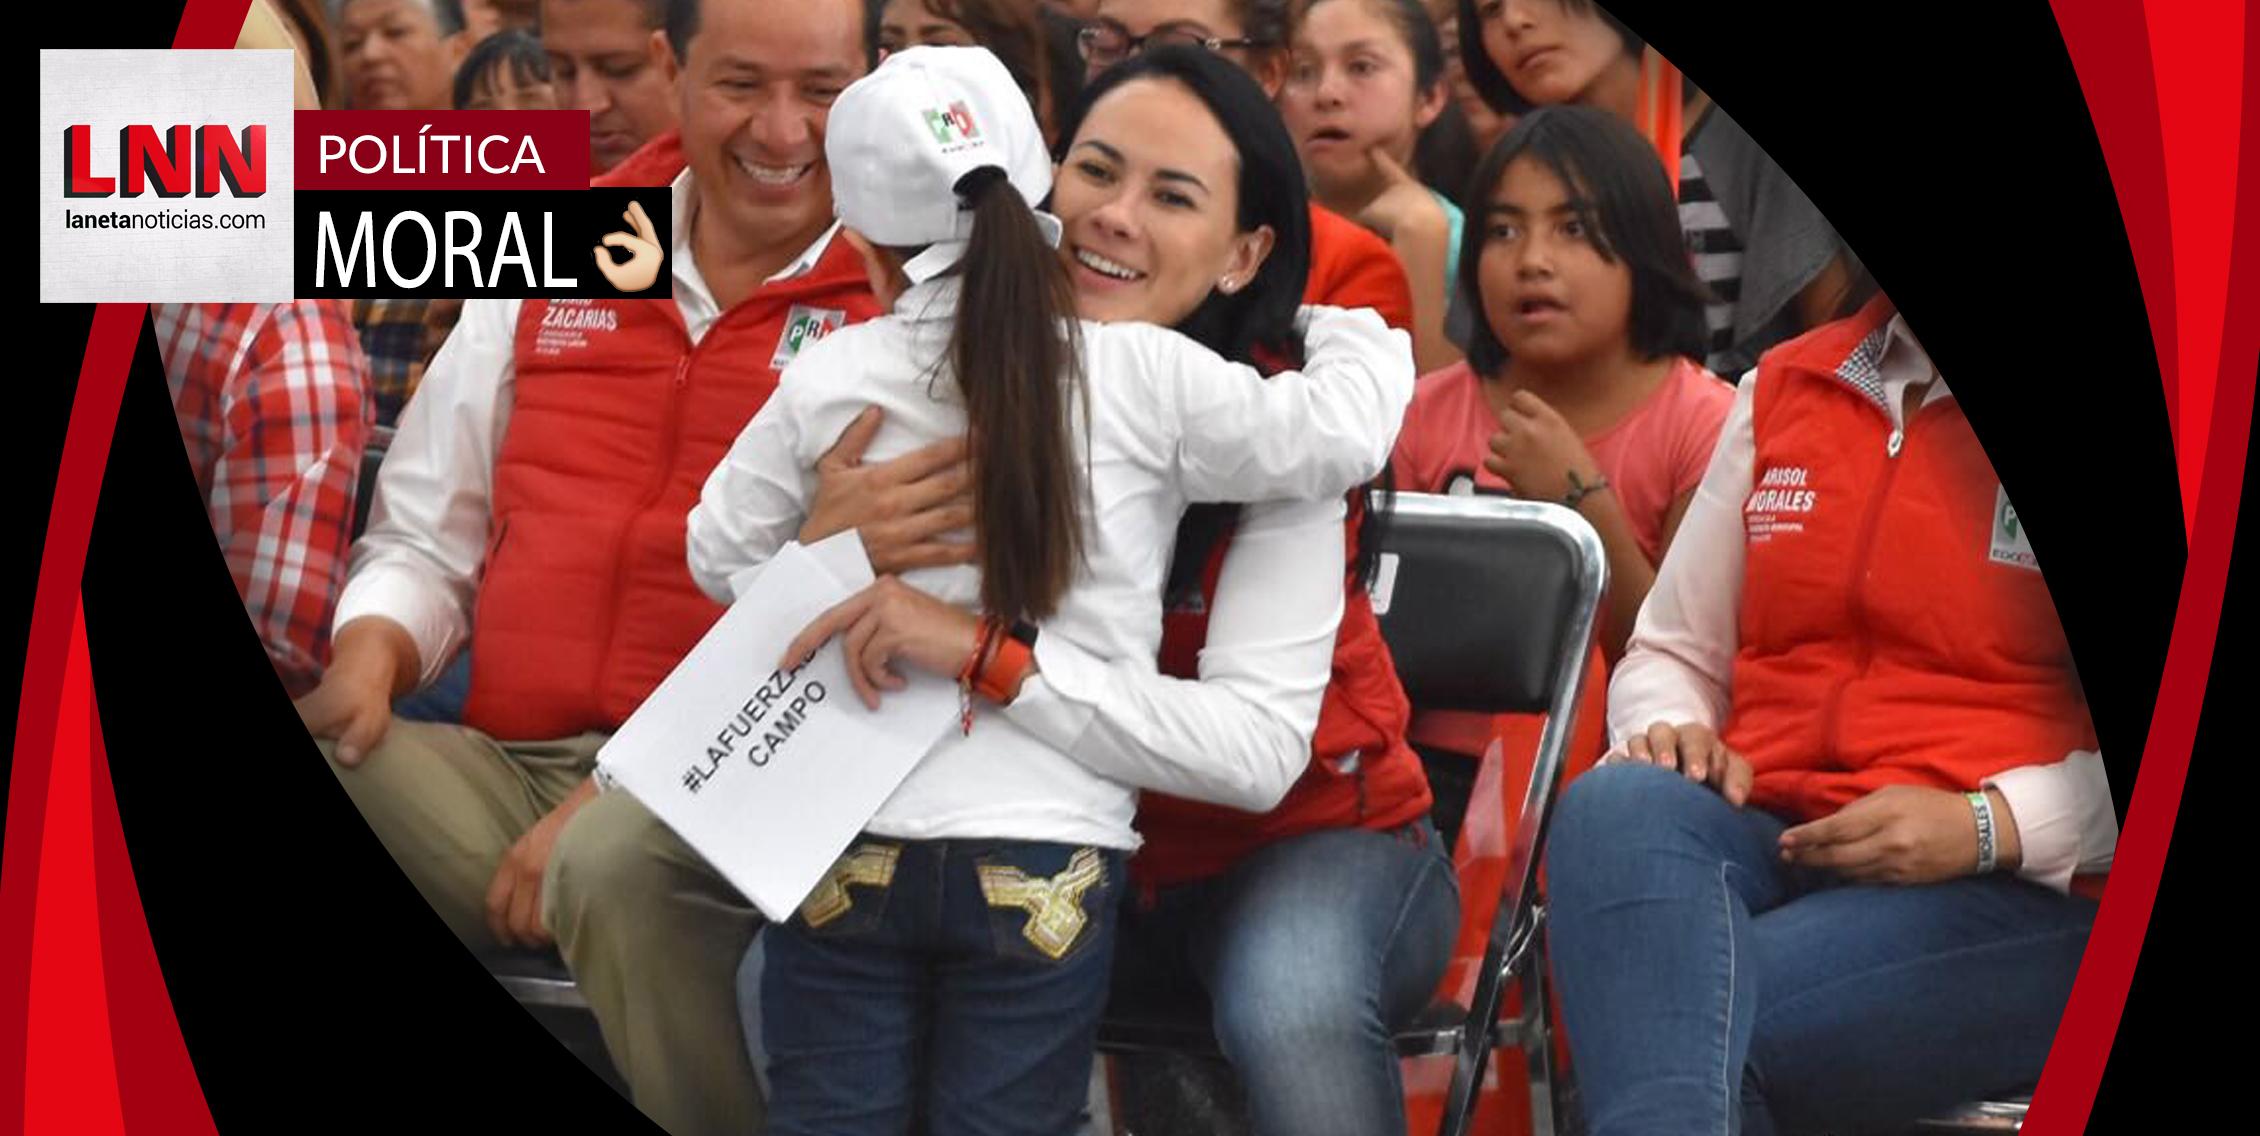 Alejandra del Moral promete a legislar en favor de los derechos de las mujeres